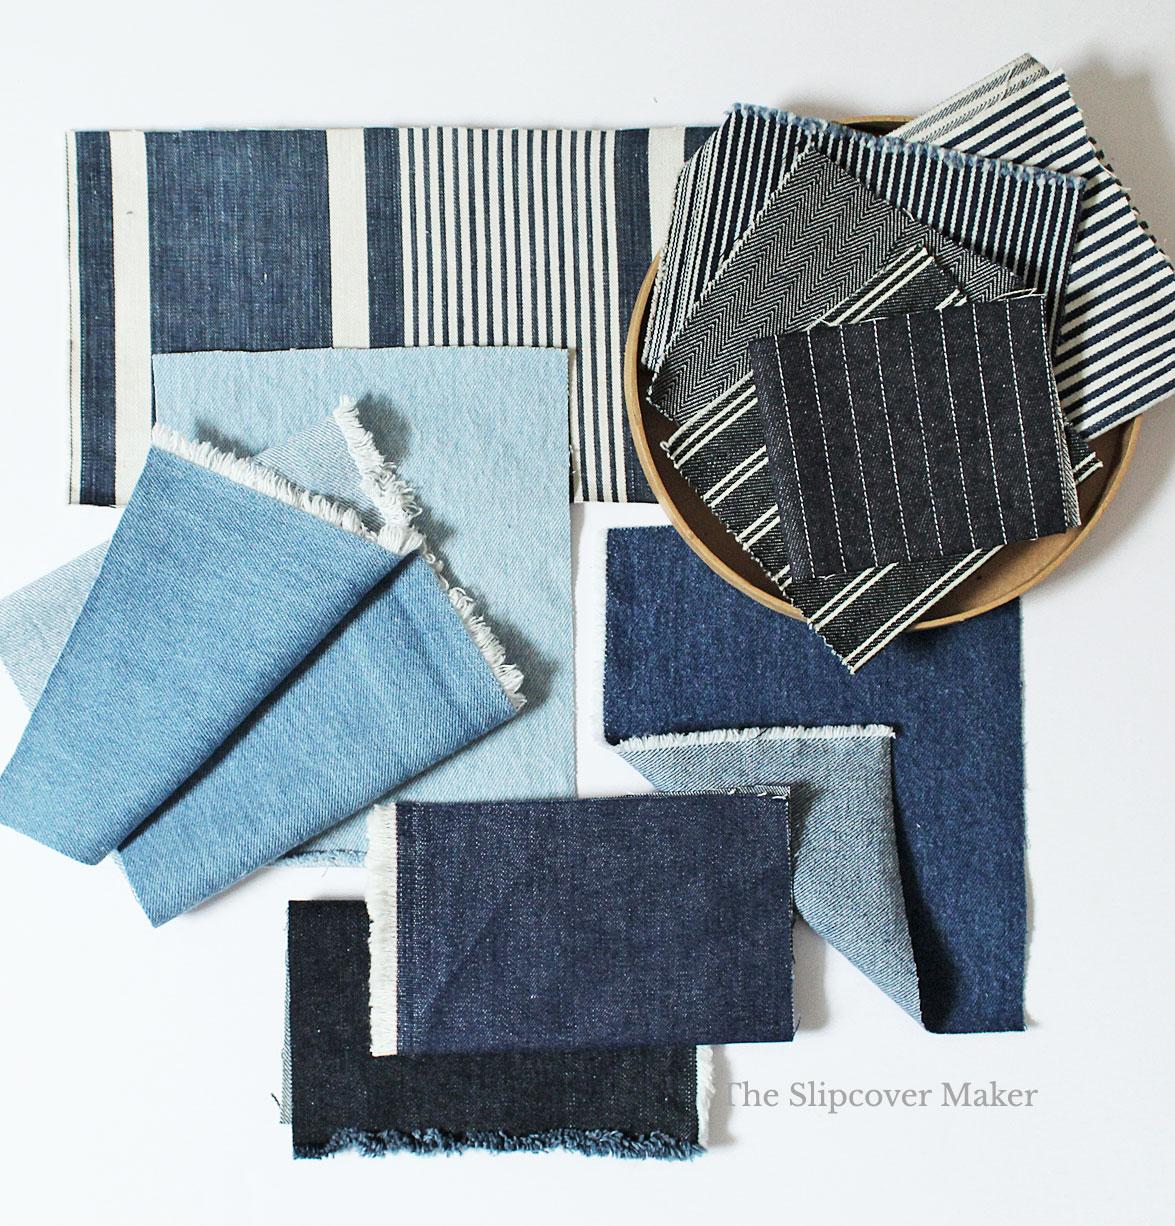 Best Blue Jean Denim for Slipcovers